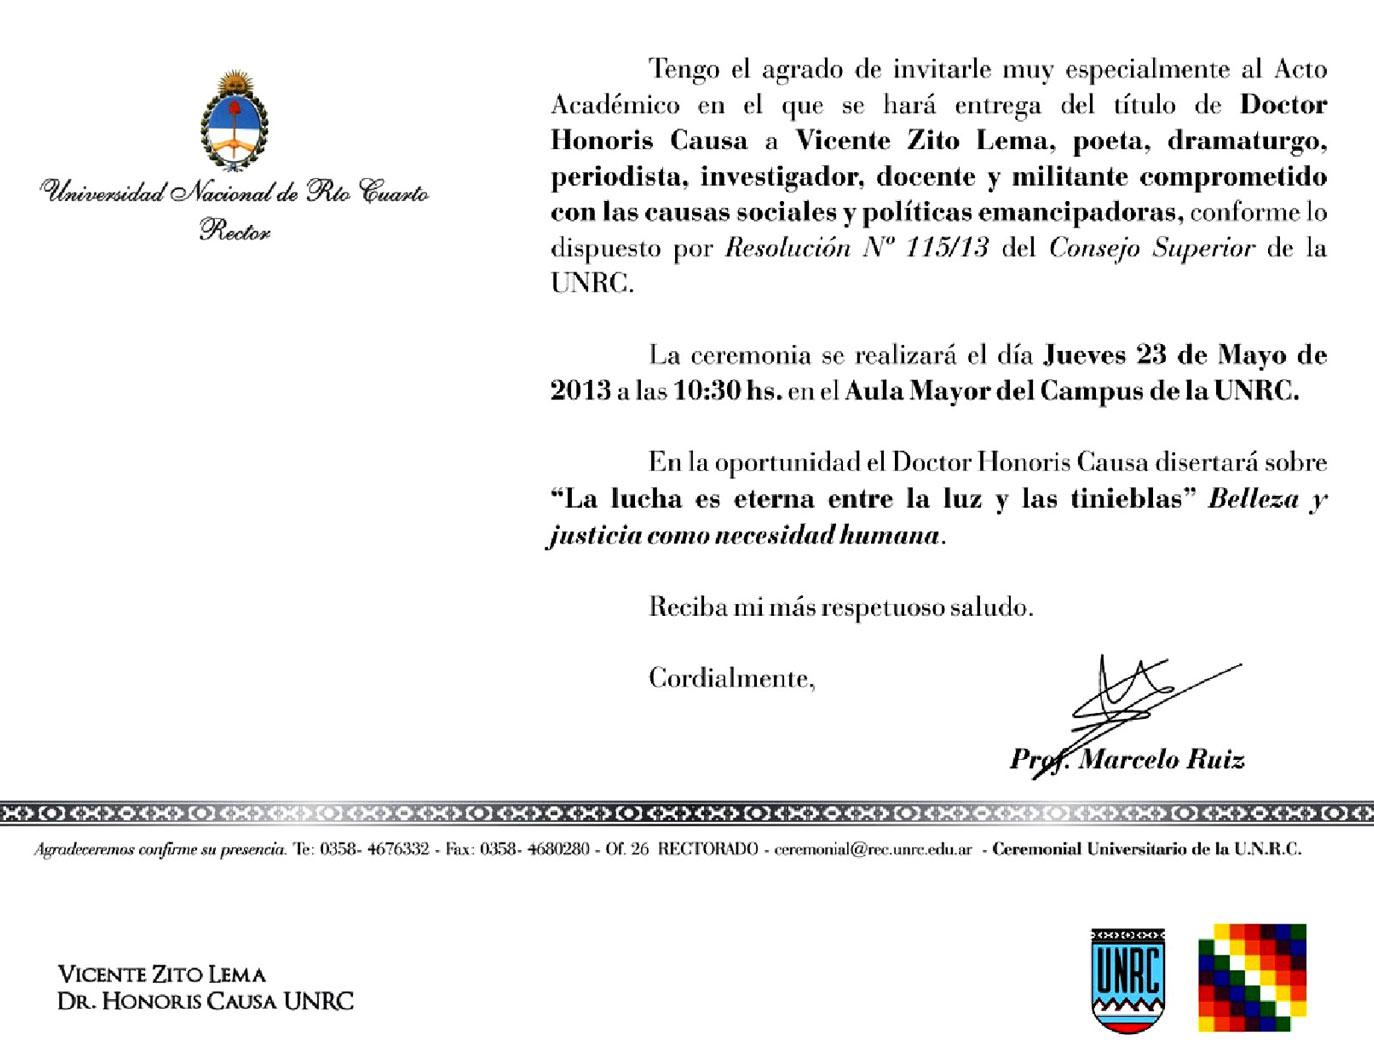 Invitacion Zito Lema